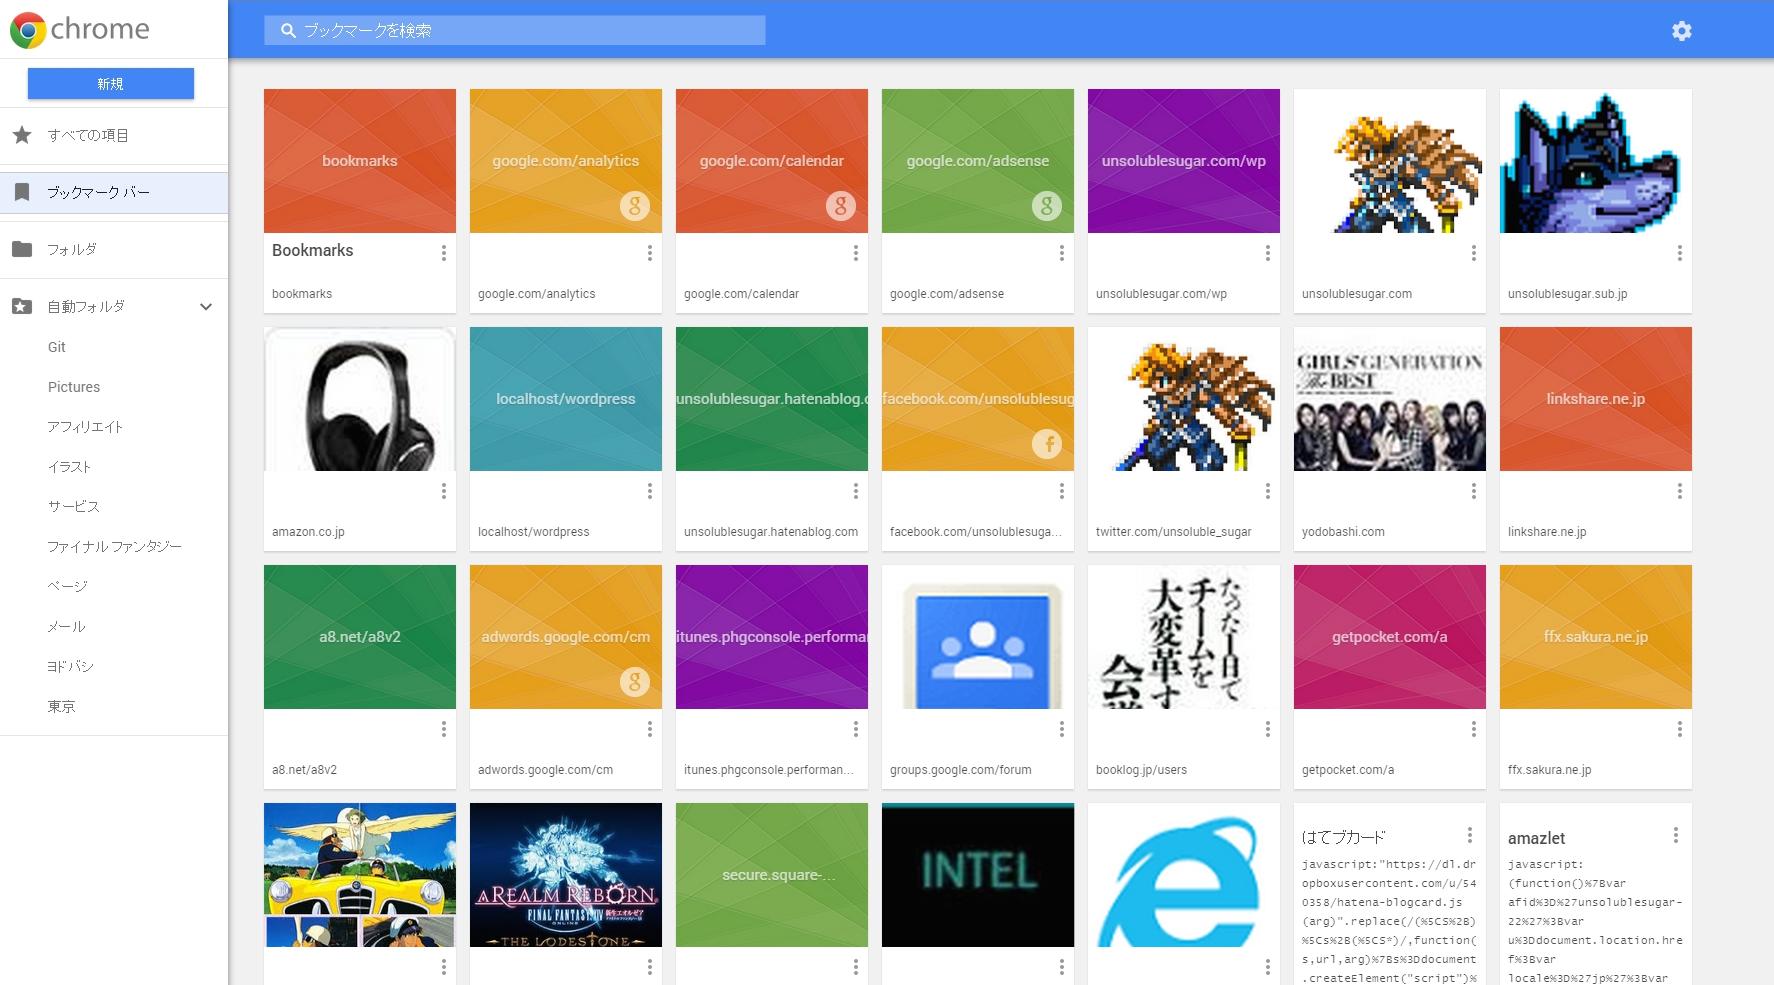 Google Chromeの新しいブックマークマネージャの使い方が意味不明すぎるので以前の形式に戻しました